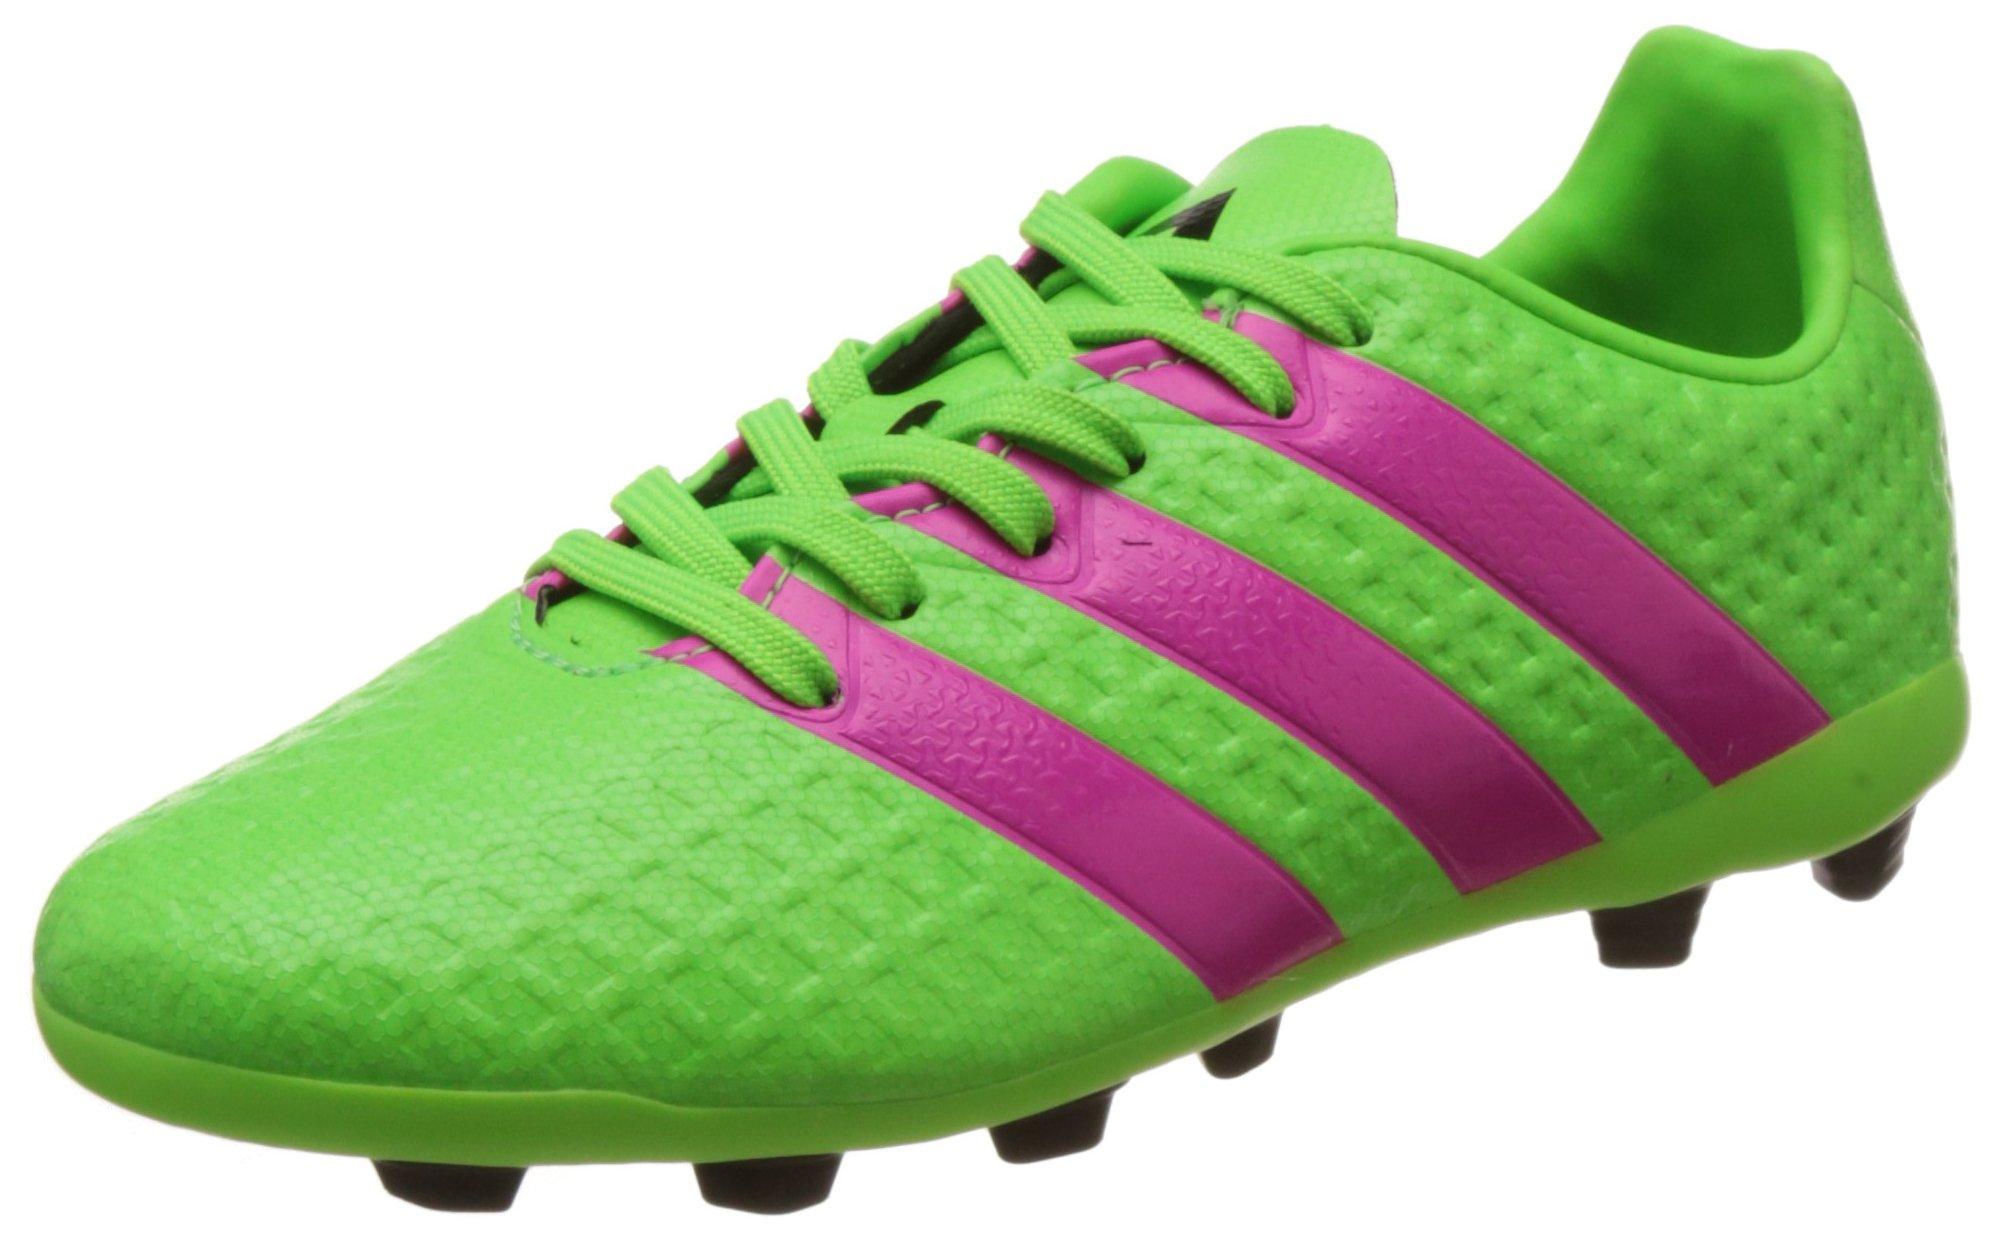 adidas Ace 16.4 Fxg, Boys' Football